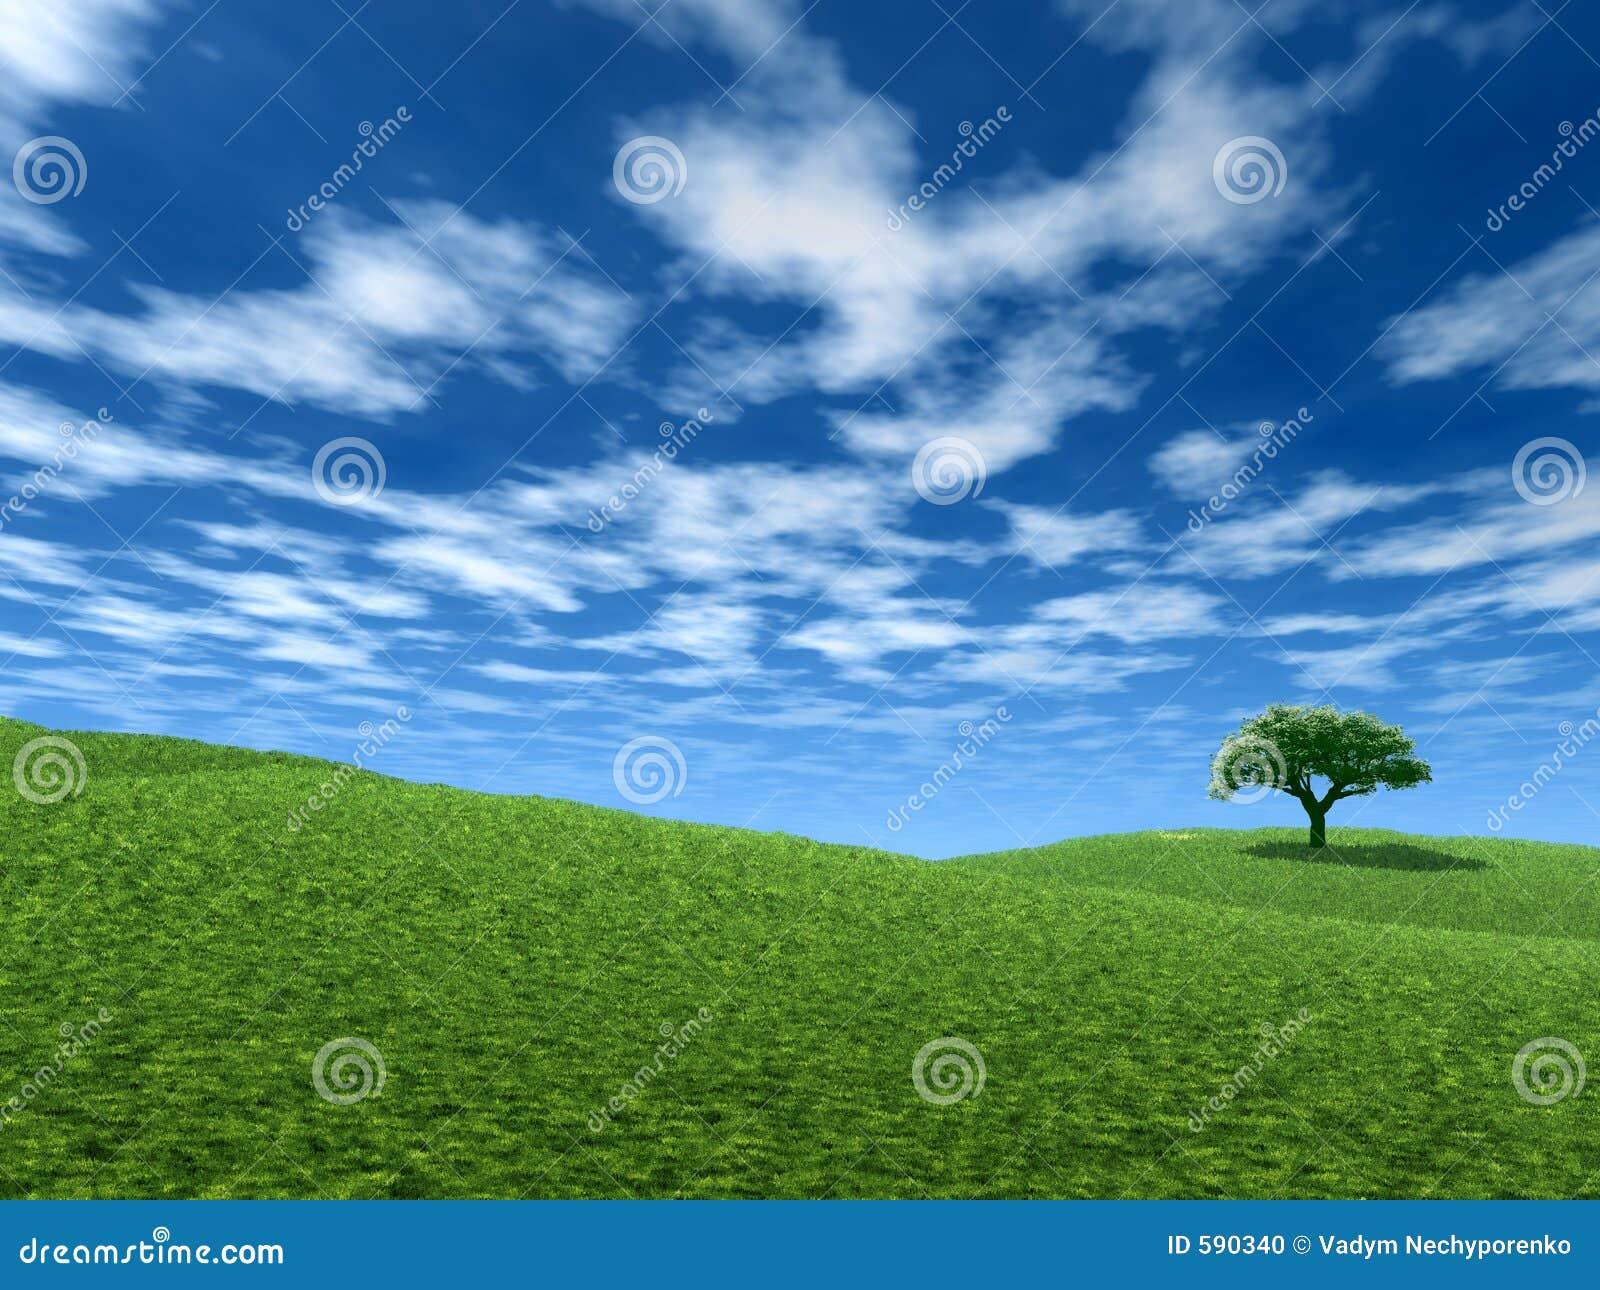 Landschaft mit einsamem Baum